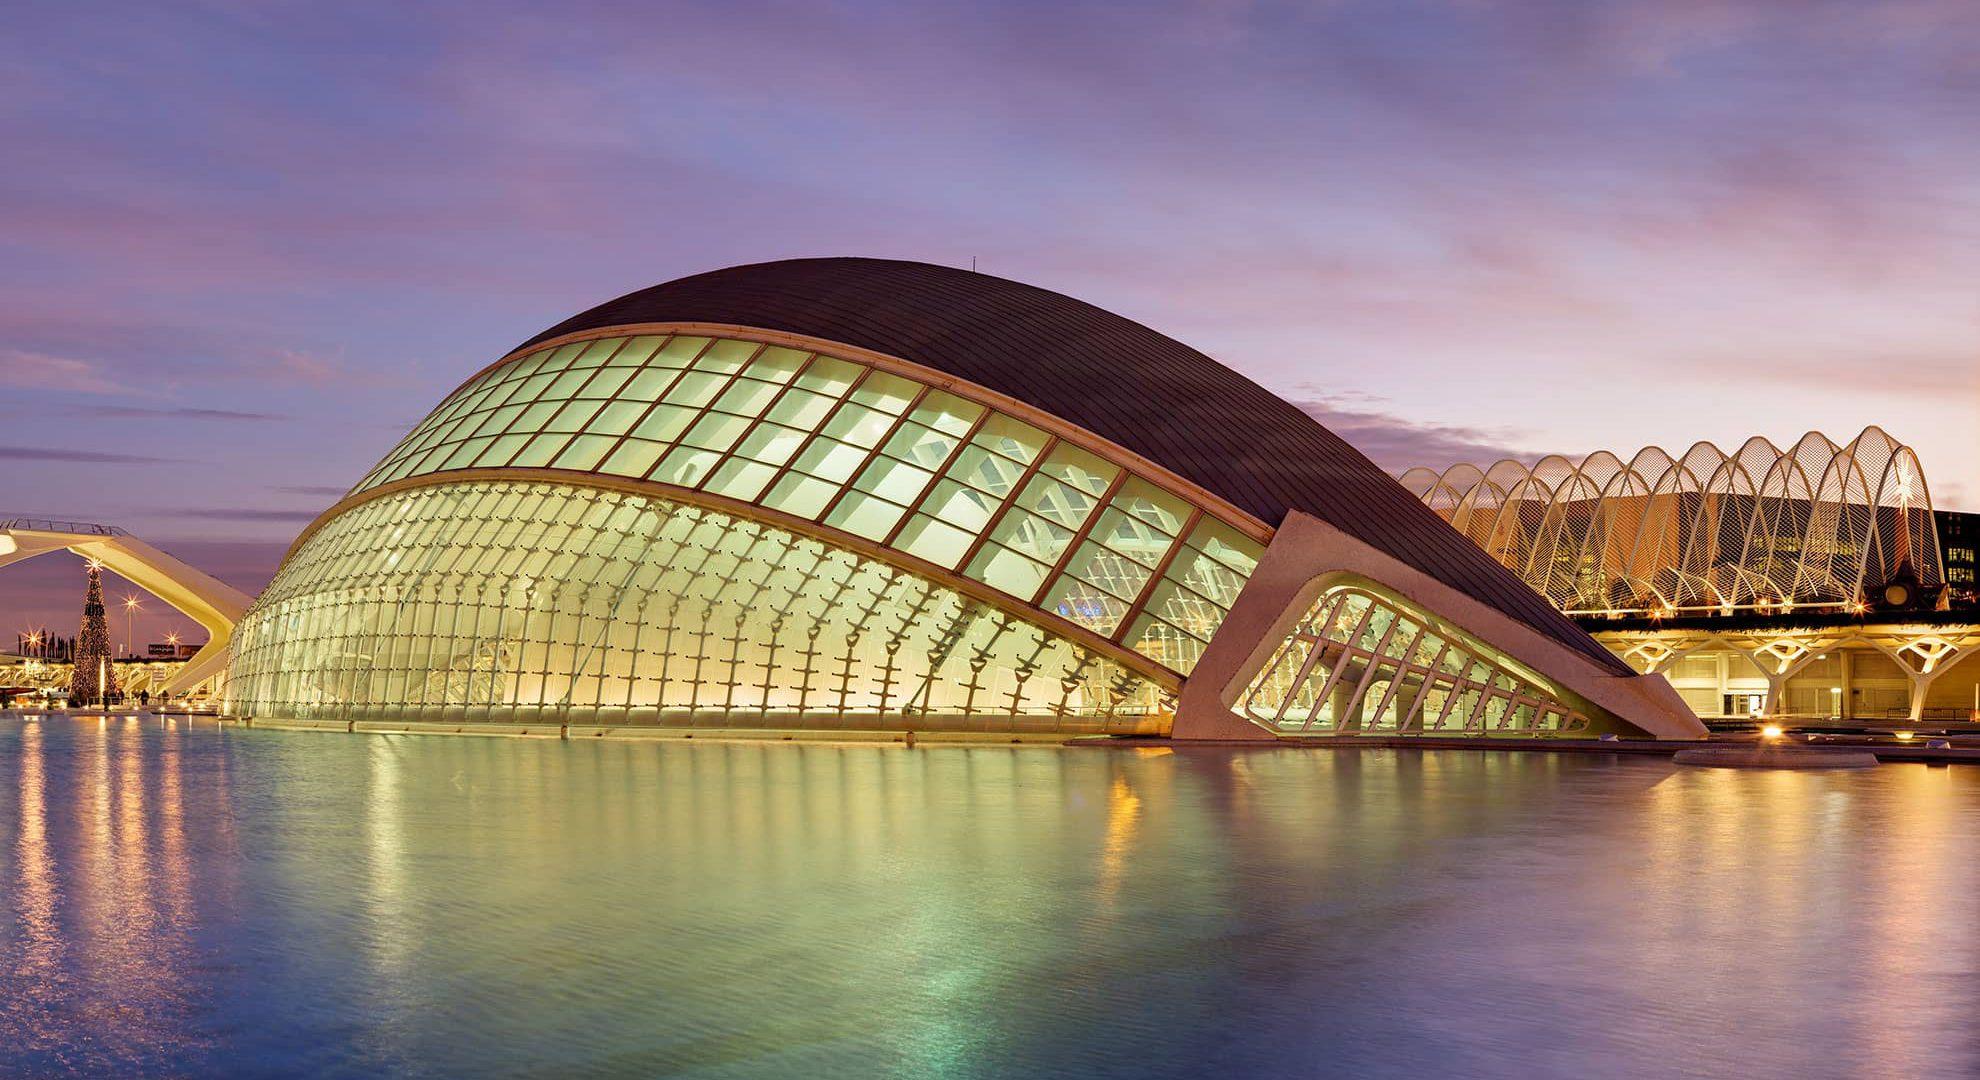 Hemispheric - Valencia, Spain